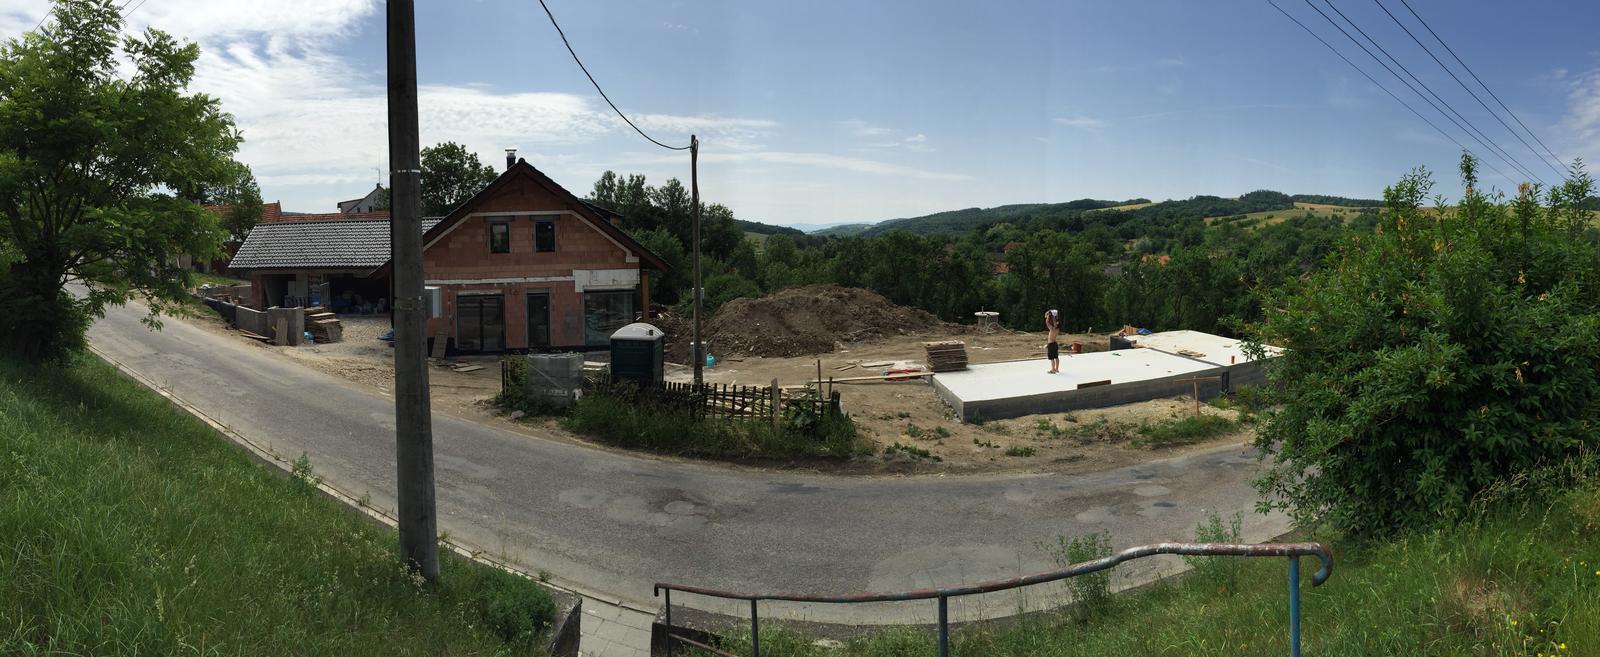 Začínáme..pokračujeme..finišujeme ;-) - Panoramaticky snimek :-))